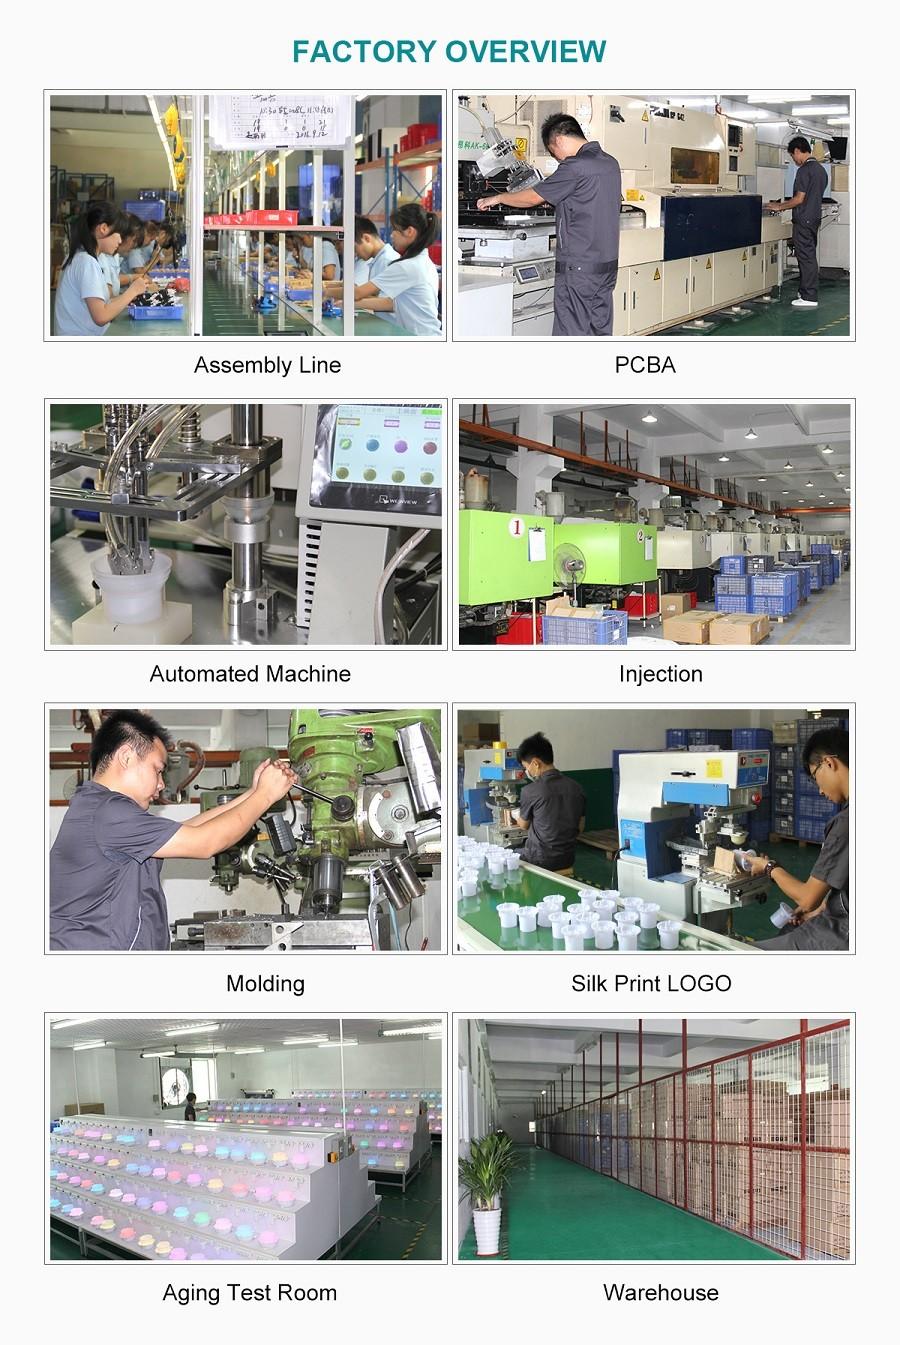 工厂排版1.jpg